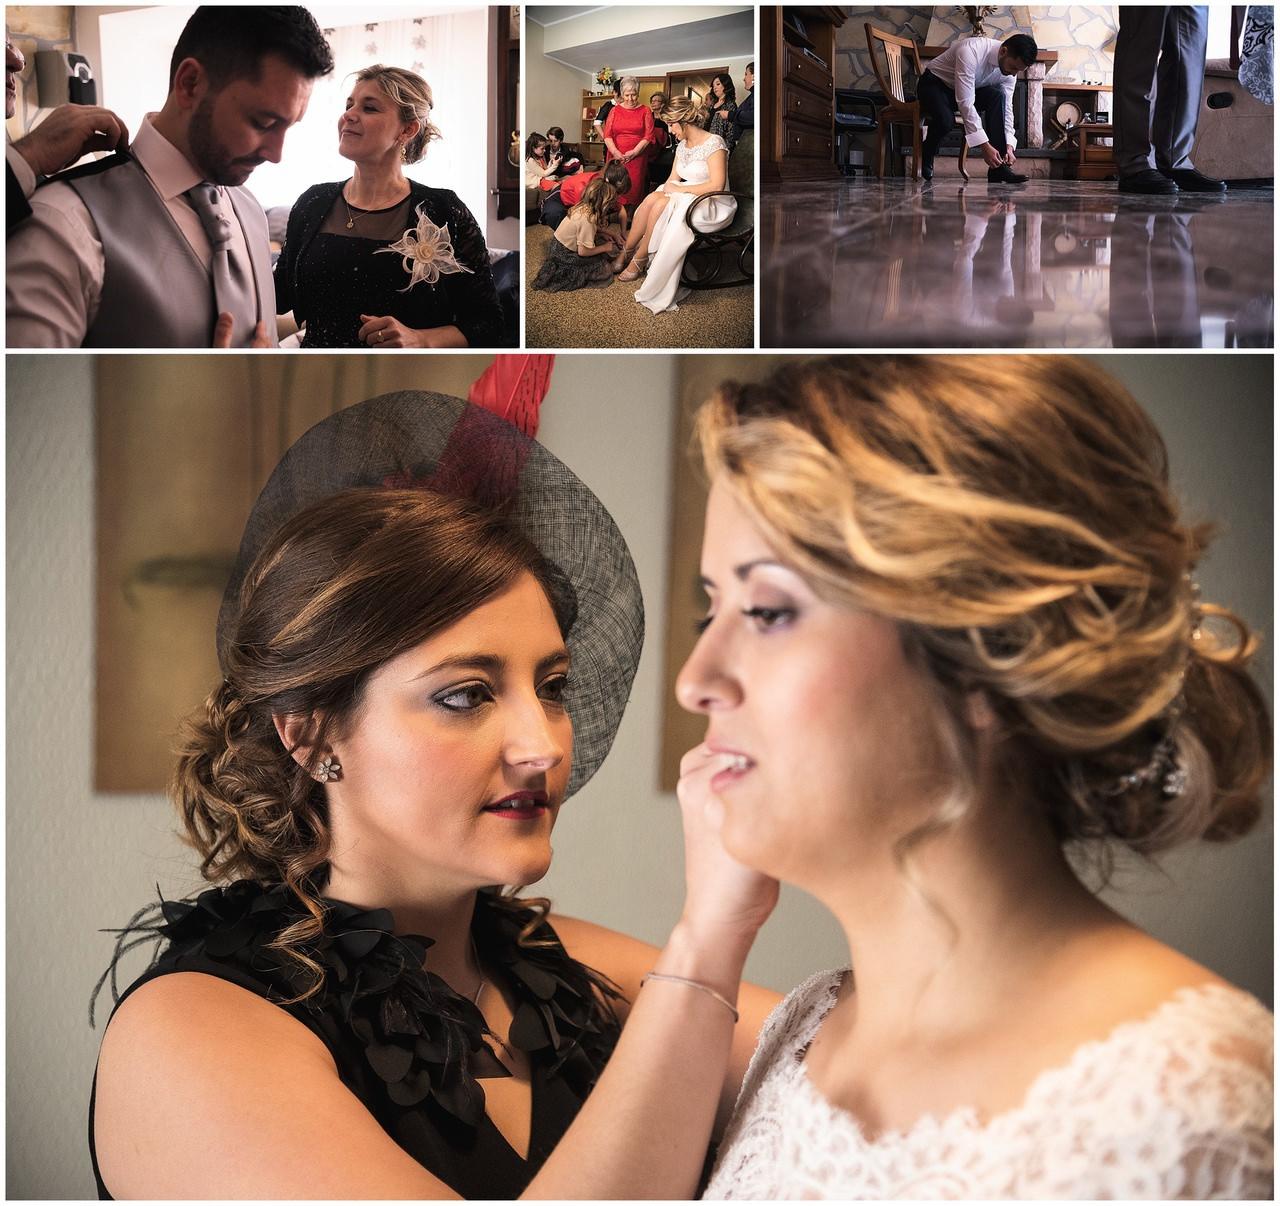 Fotógrafo de bodas en Alcoy, boda de estefy5